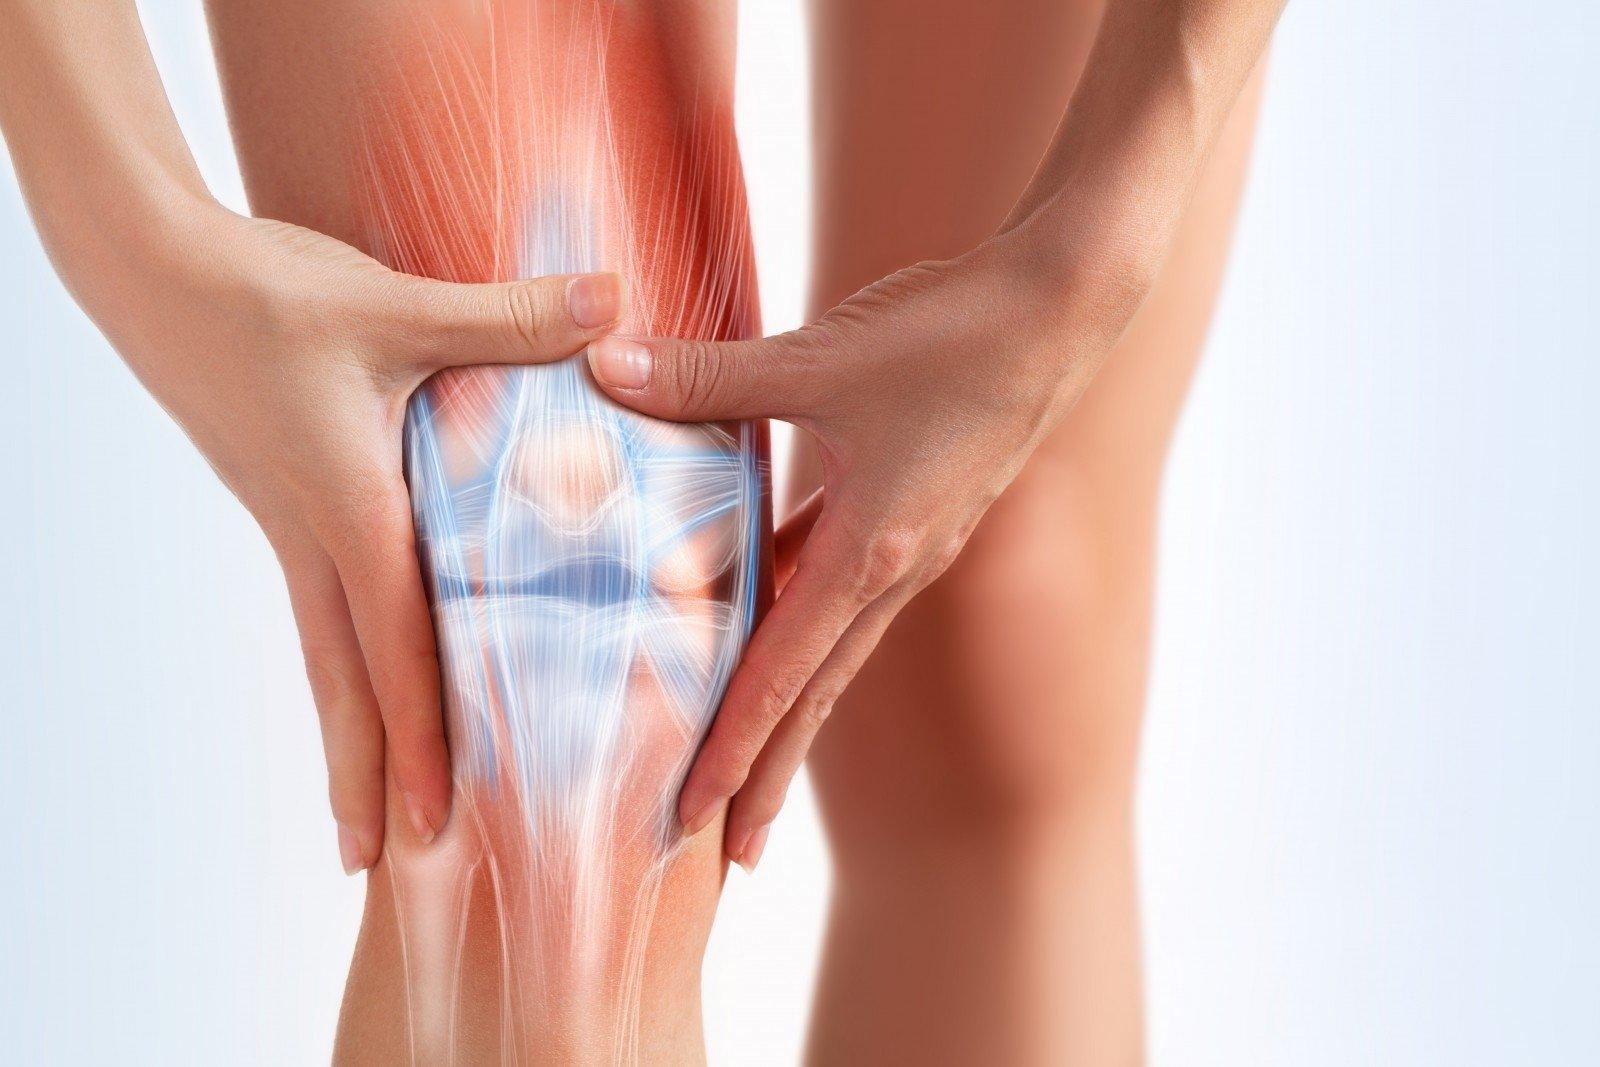 vedų gydymas sąnarių tepalas raumenų ir sąnarių eillie palengvinti